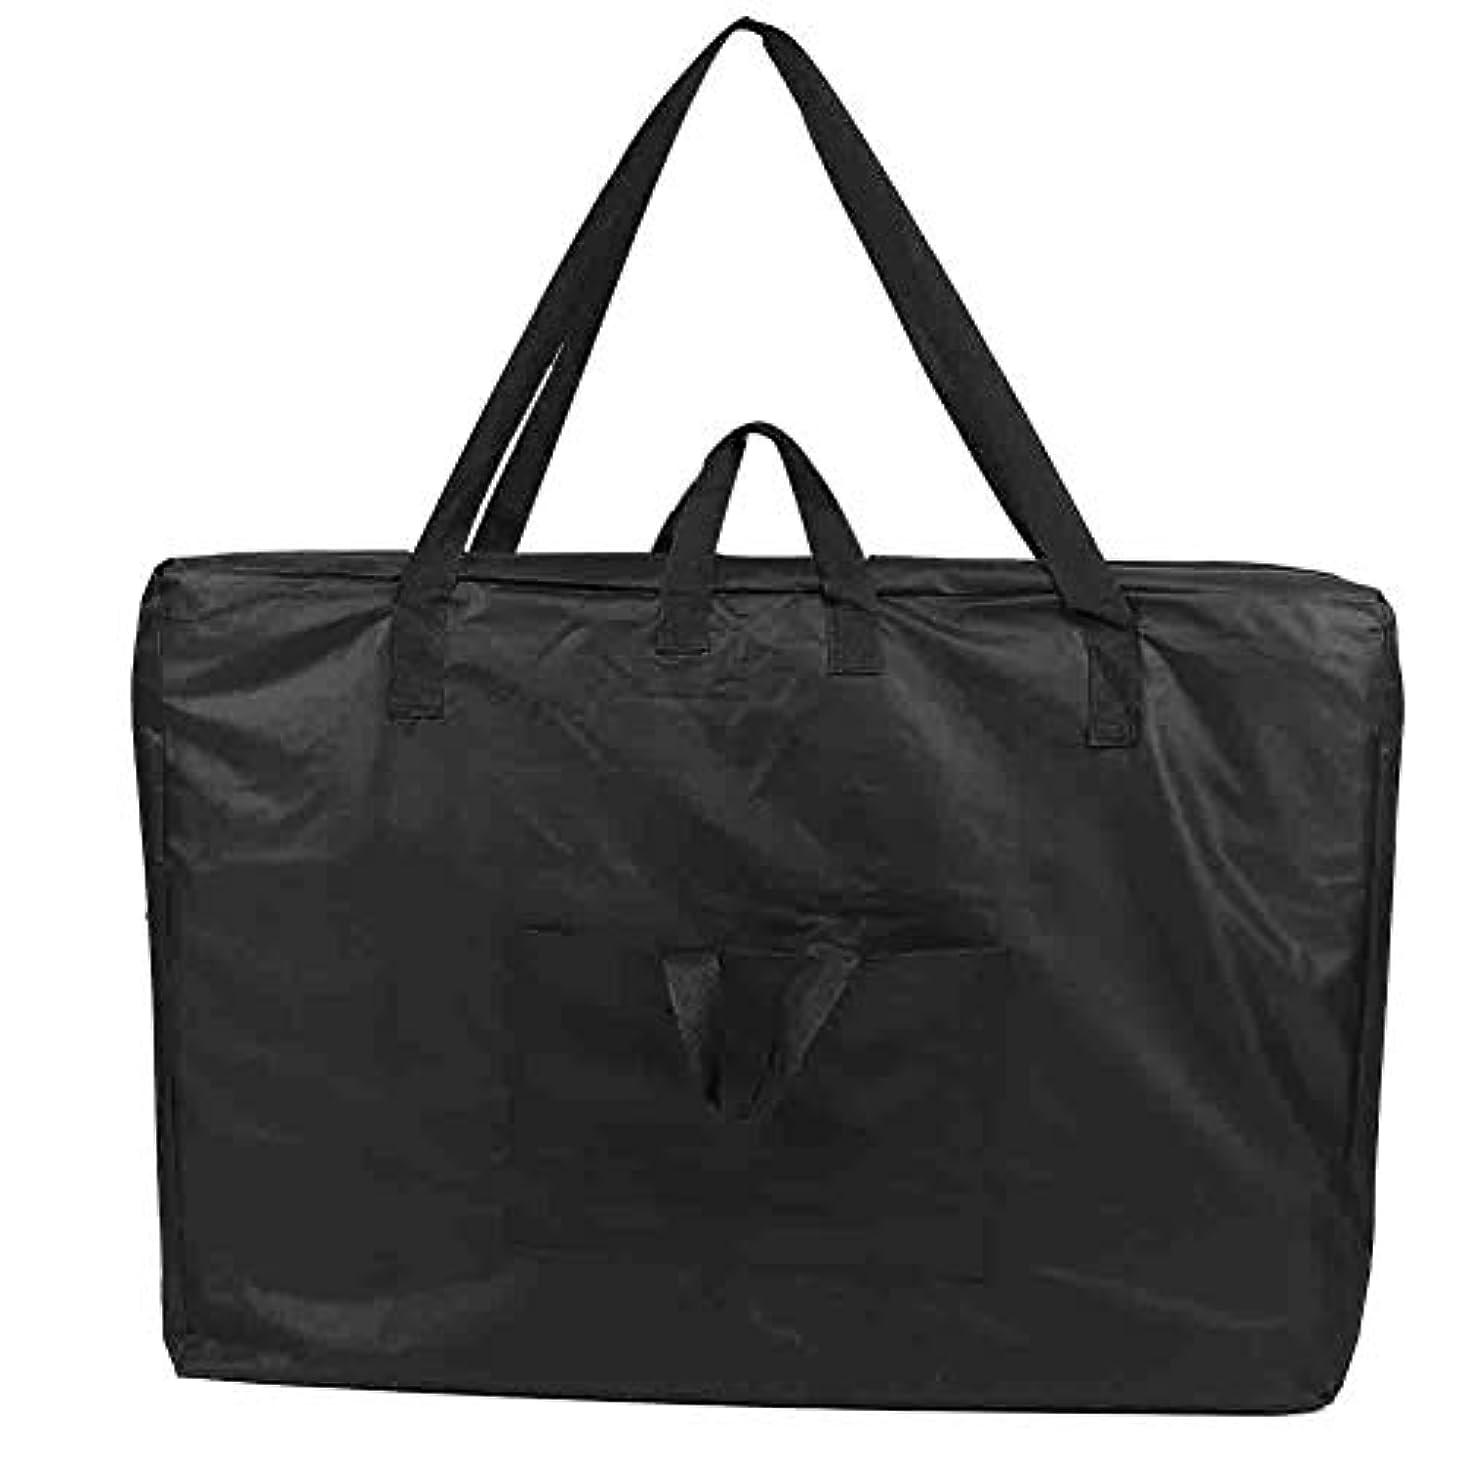 コマンドすべき準拠lポータブルスパテーブルマッサージベッドキャリングバッグ